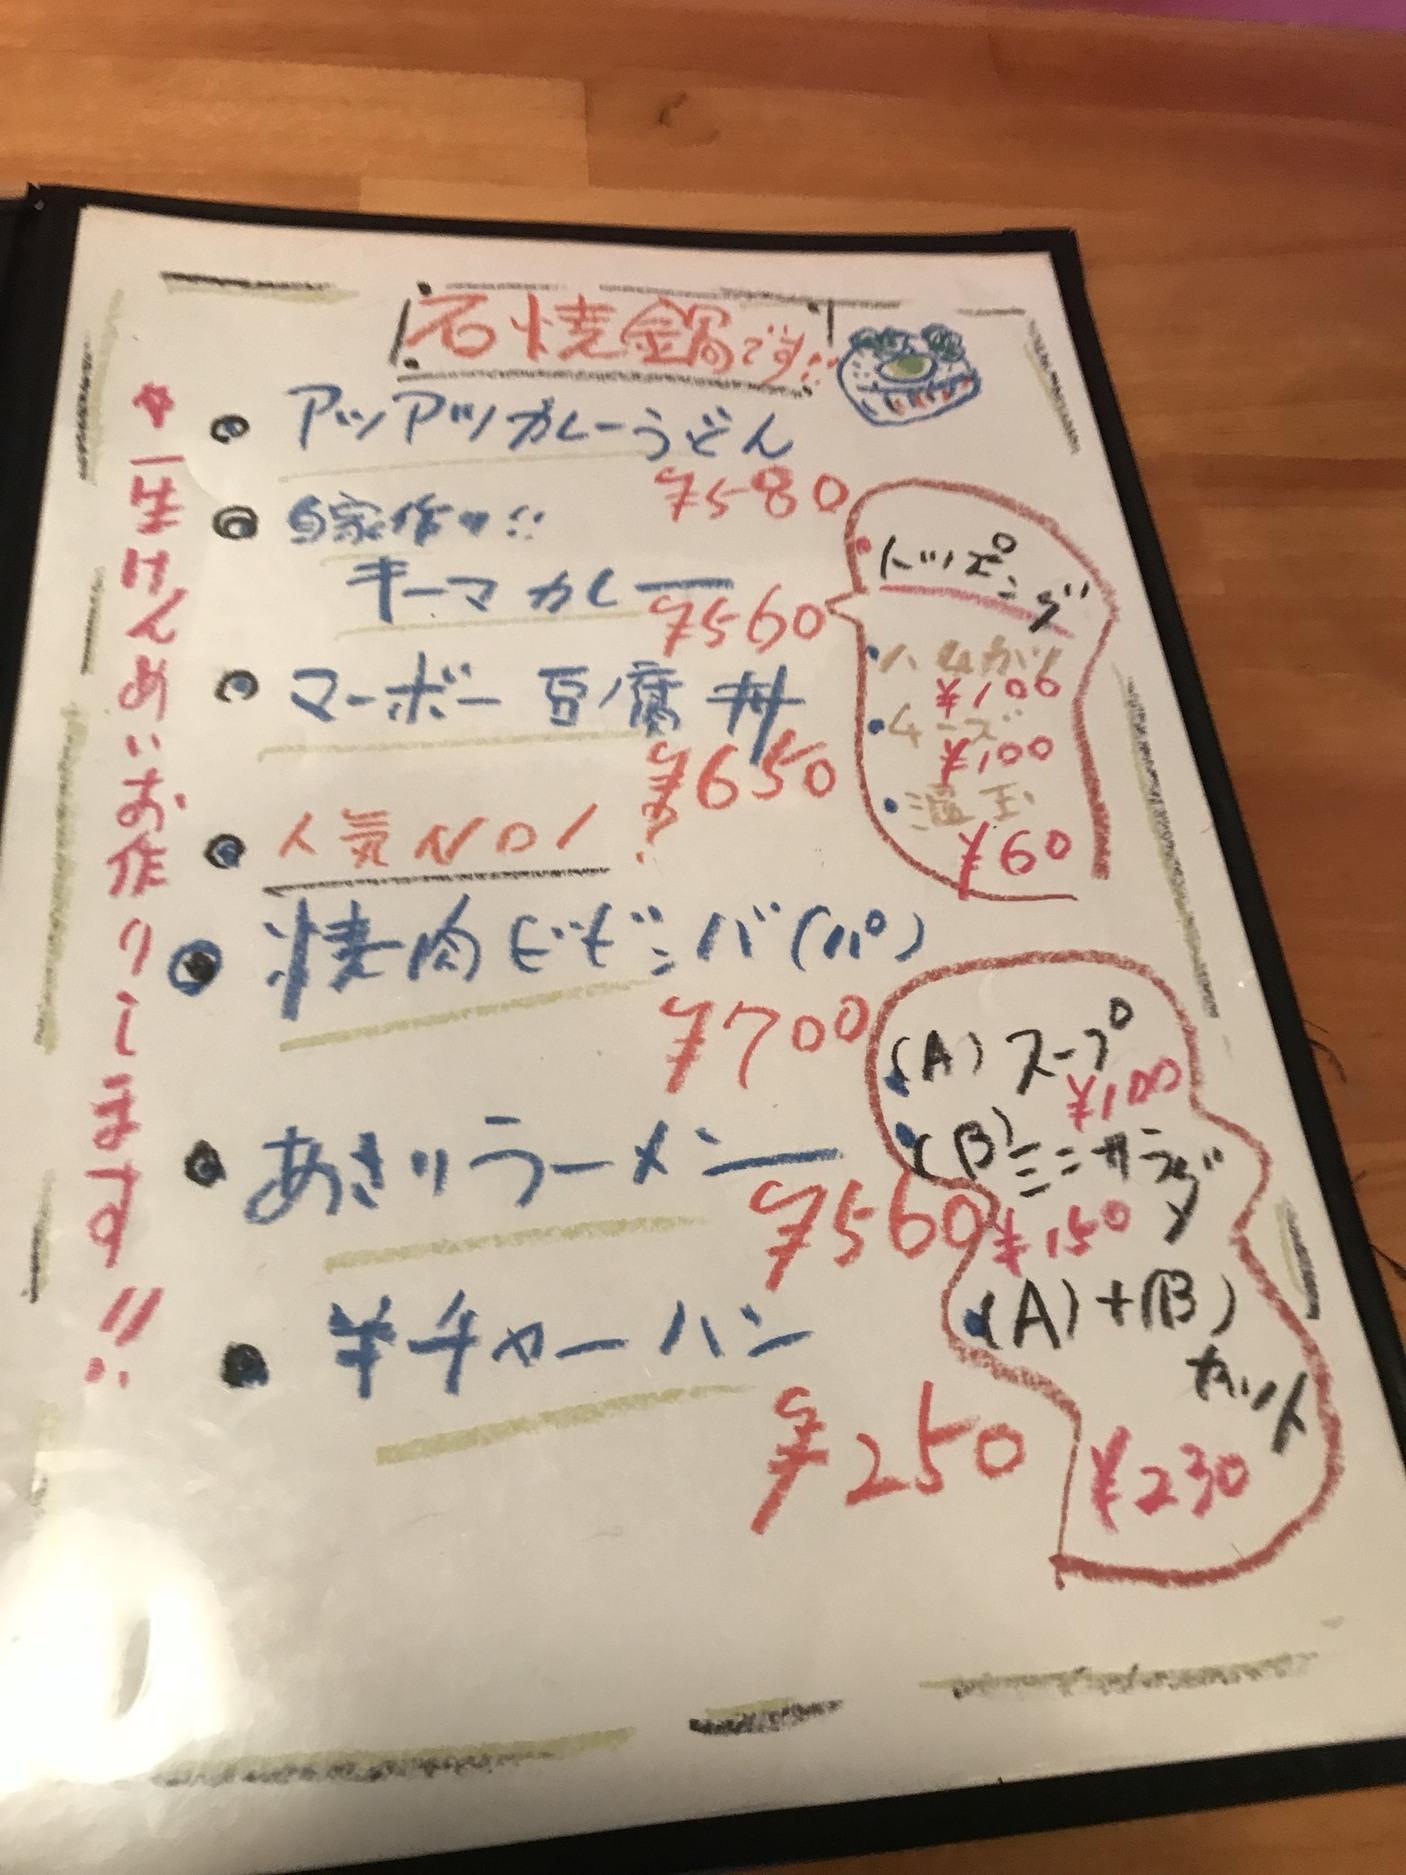 甲らく屋 name=